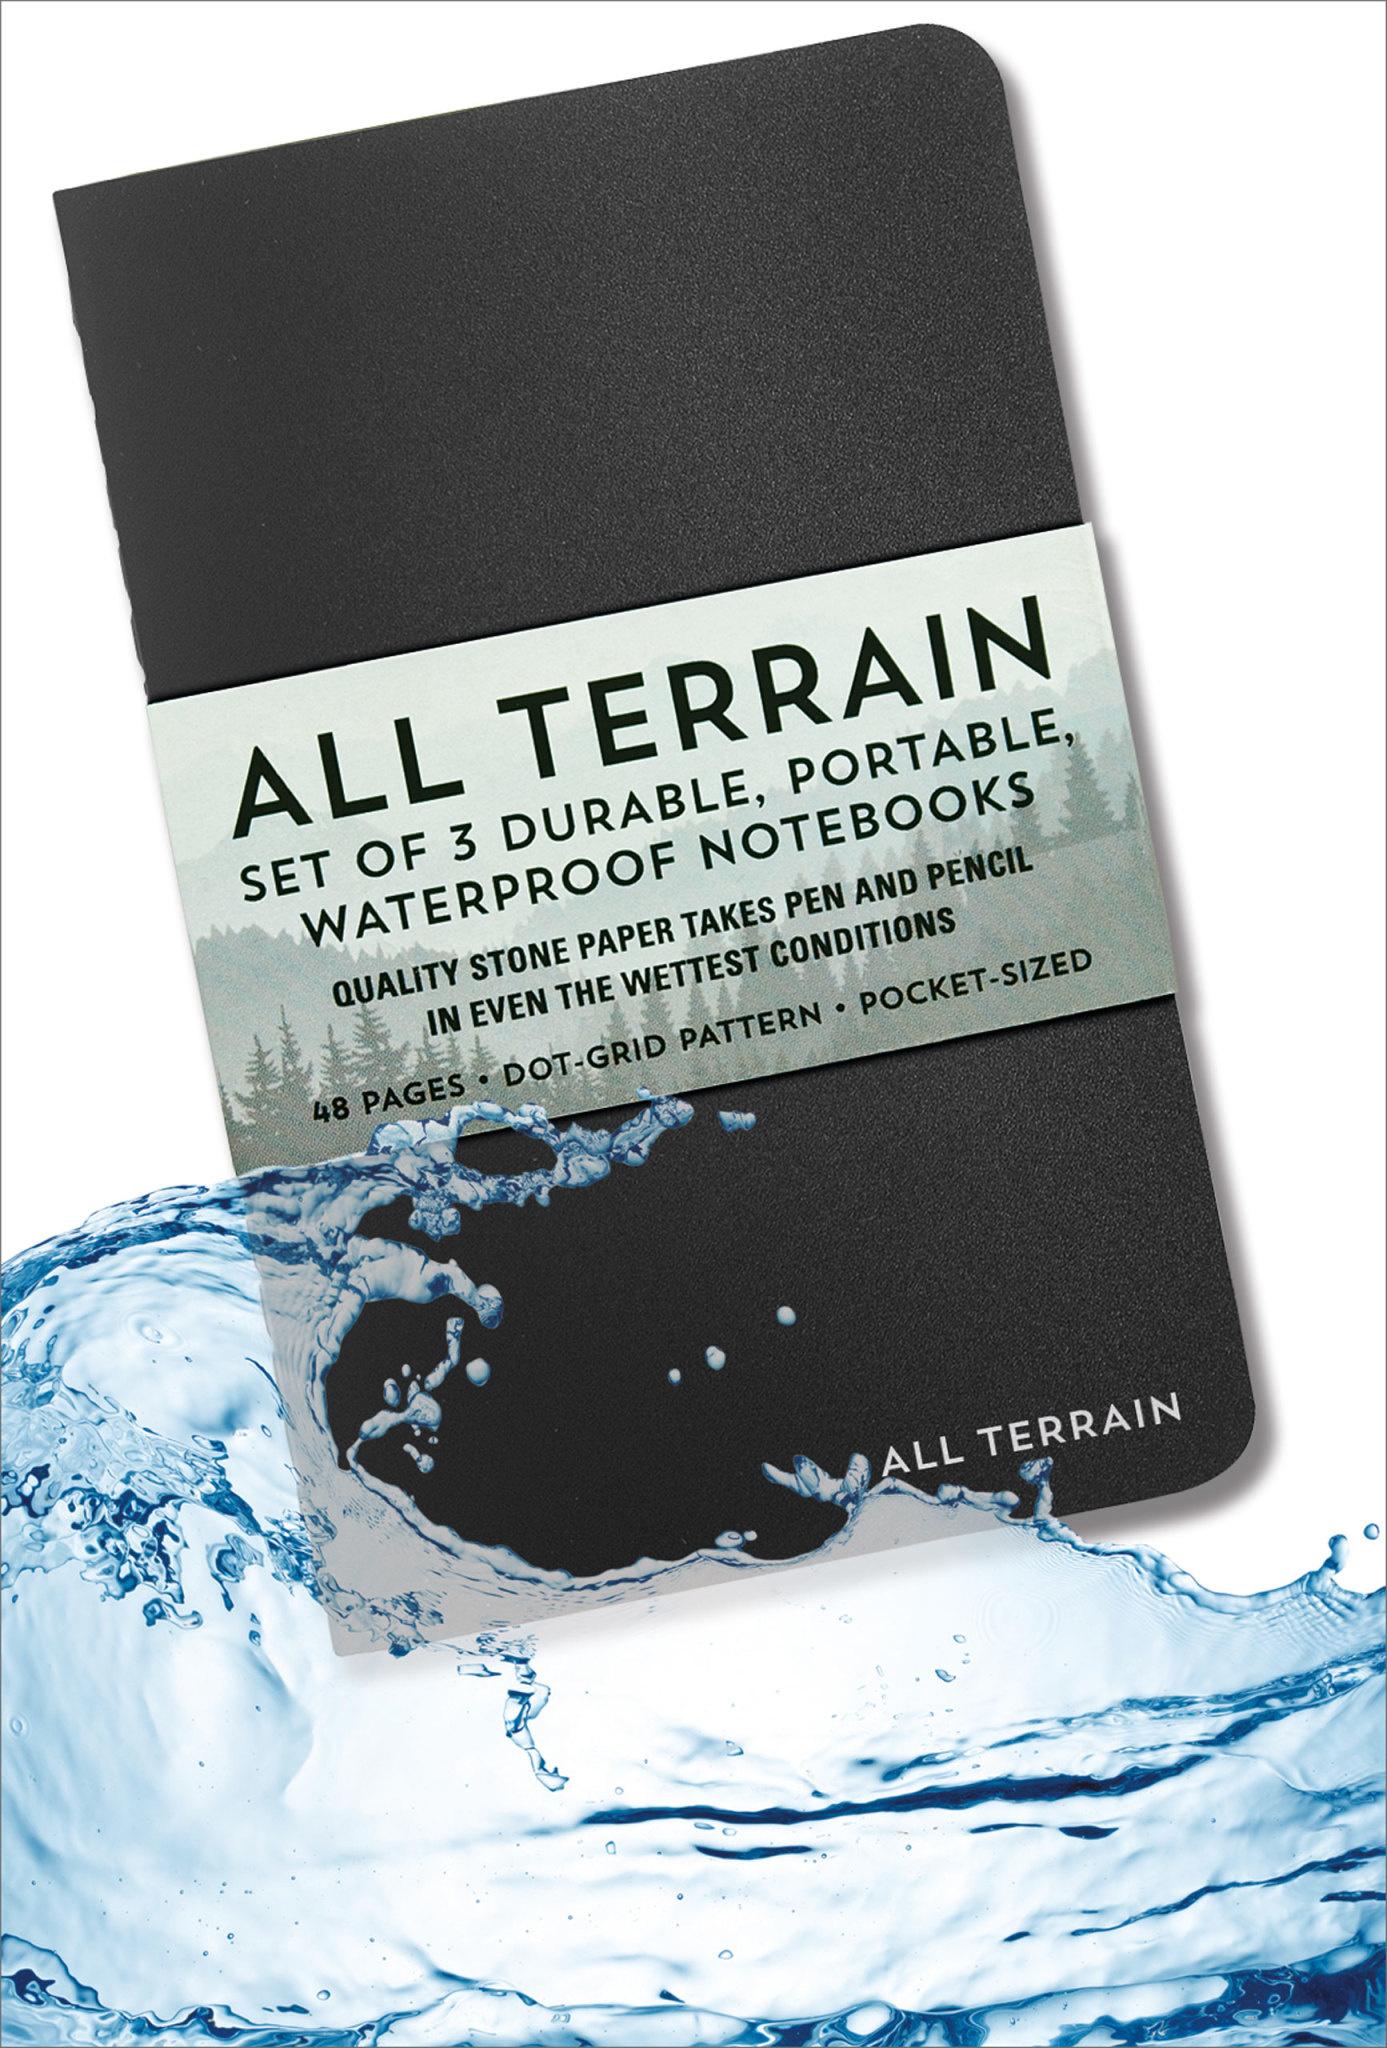 All Terrain Waterproof Notebooks Set of 3